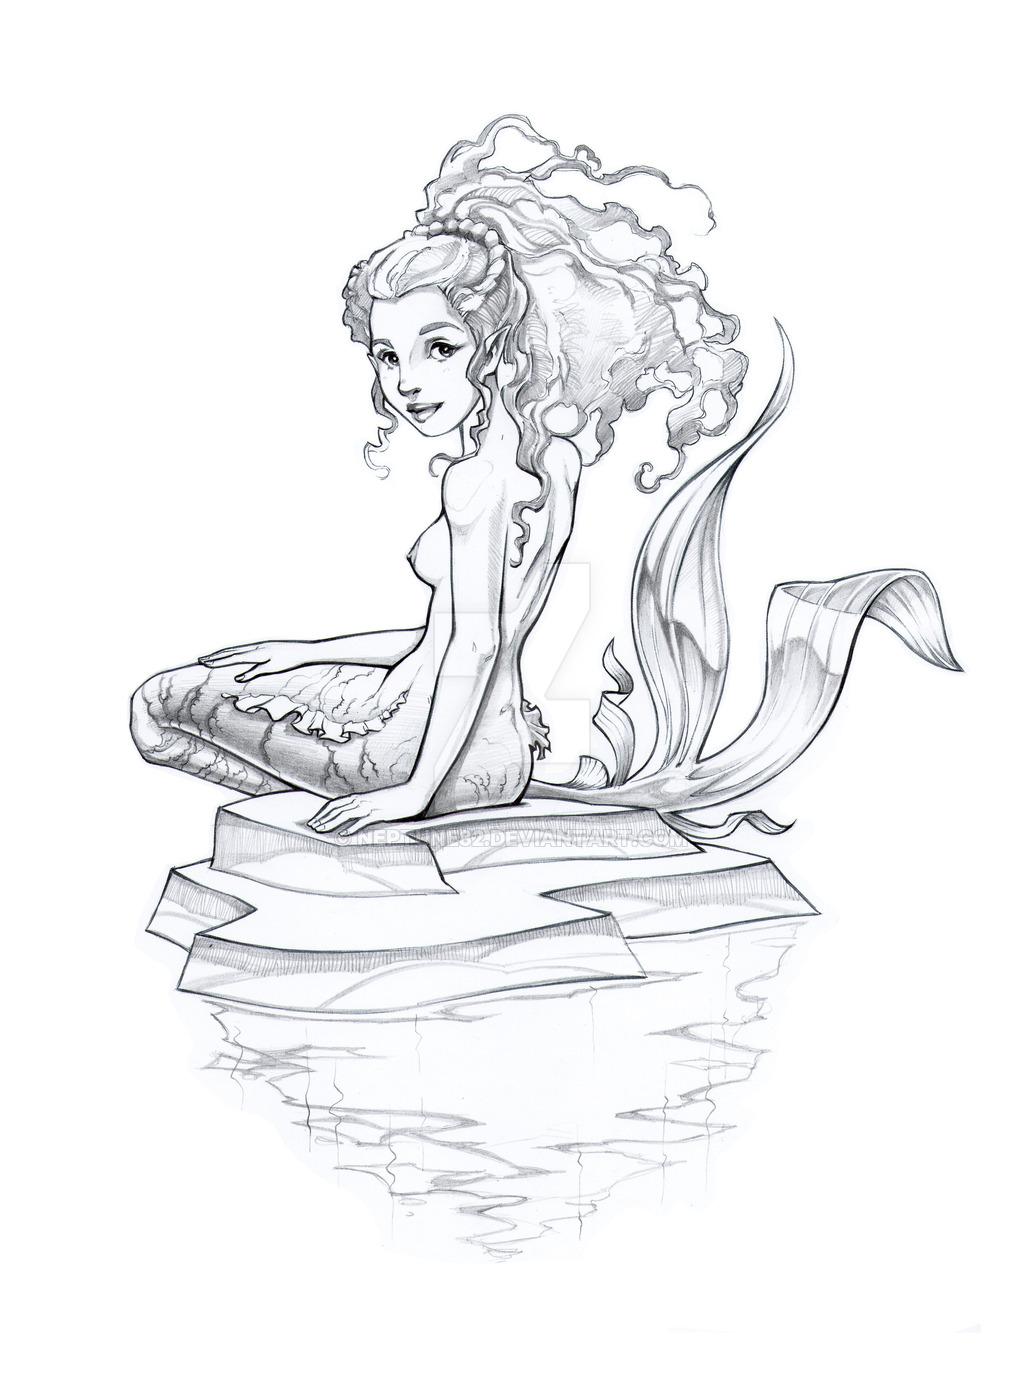 1024x1376 Mermaid Sketch. Pen + Pencil By Neptune82